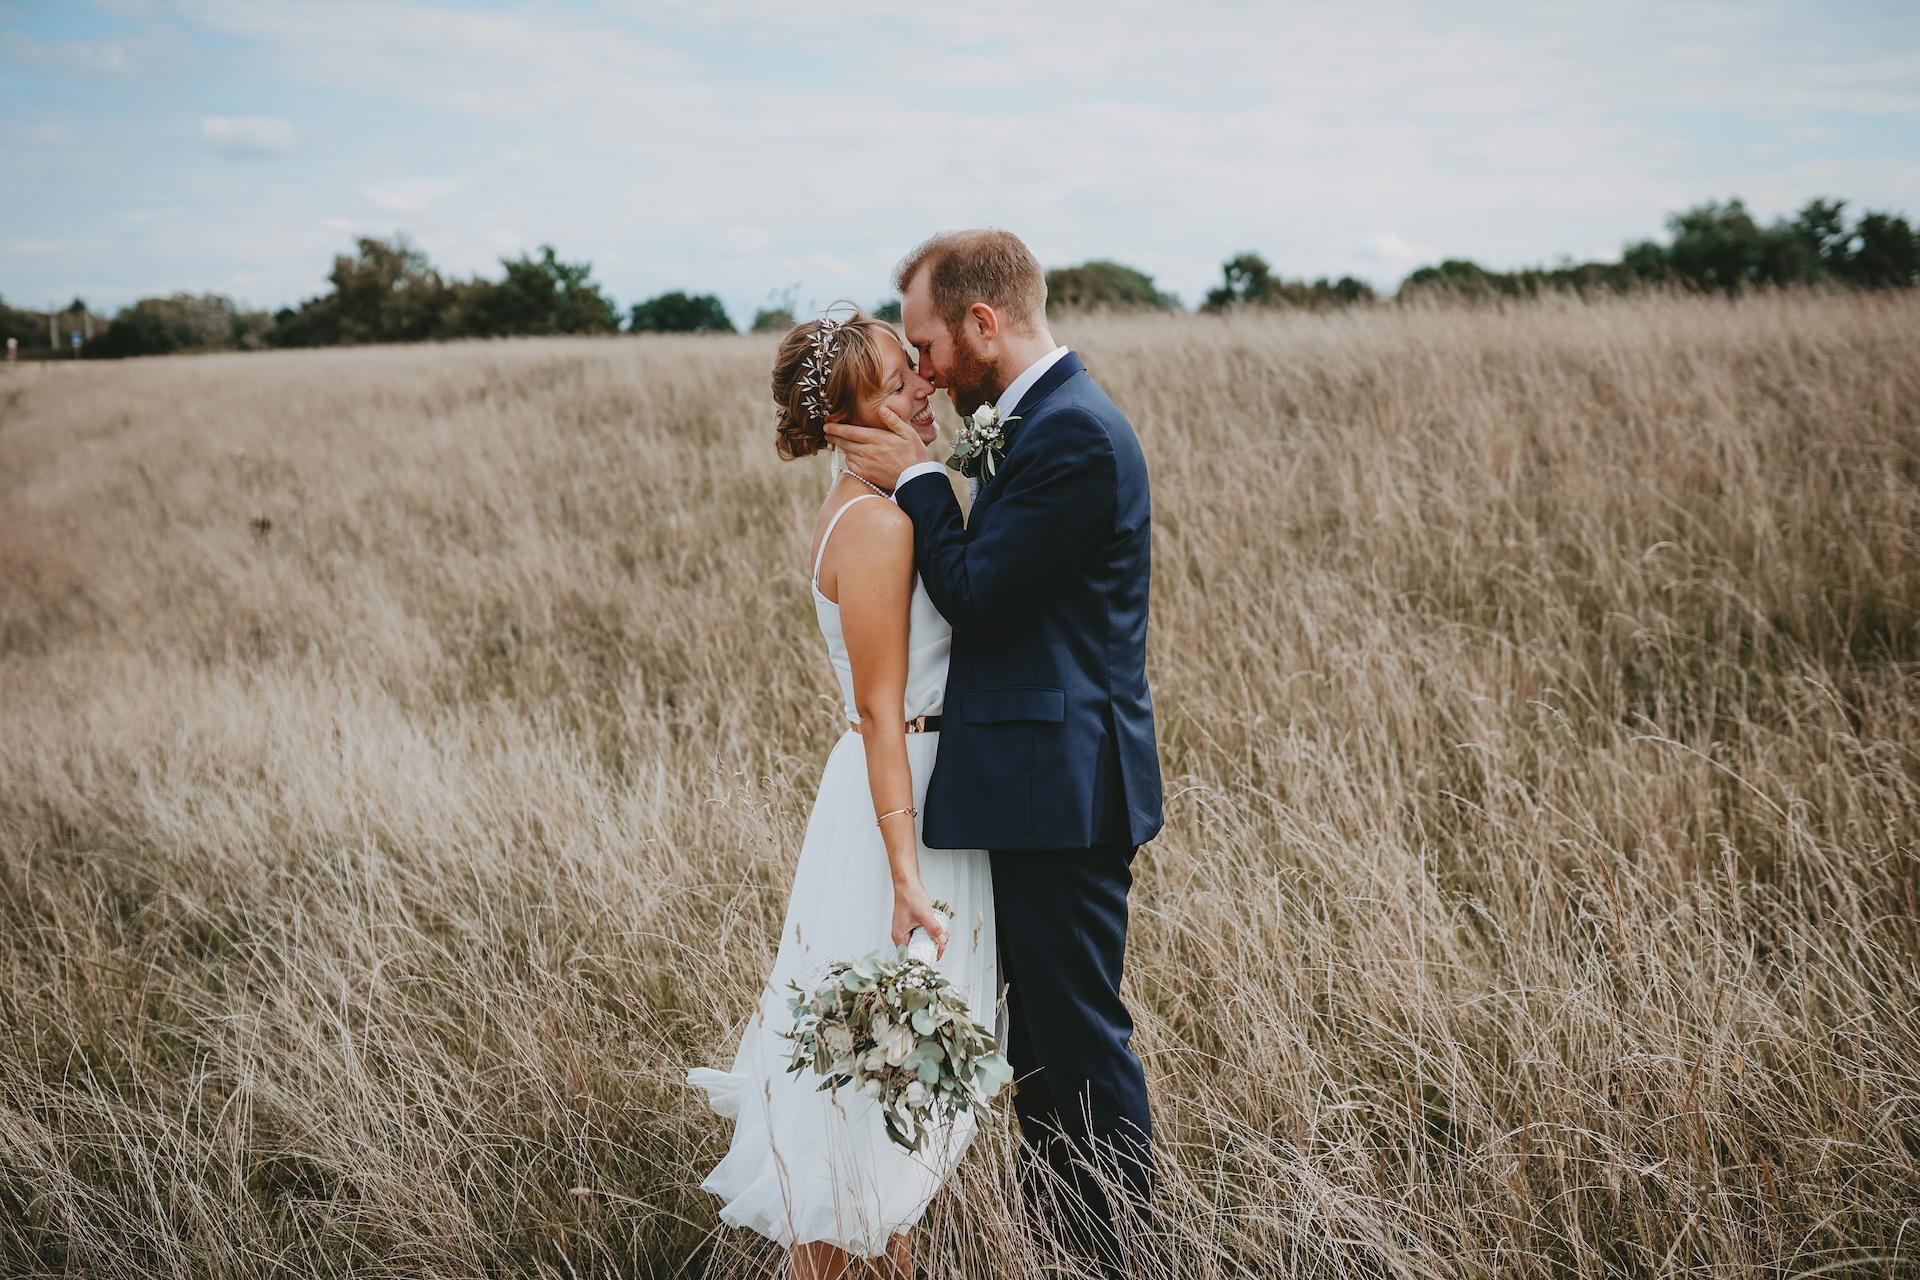 Hochzeit Trauung Standesamt Fotograf Achim Bremen